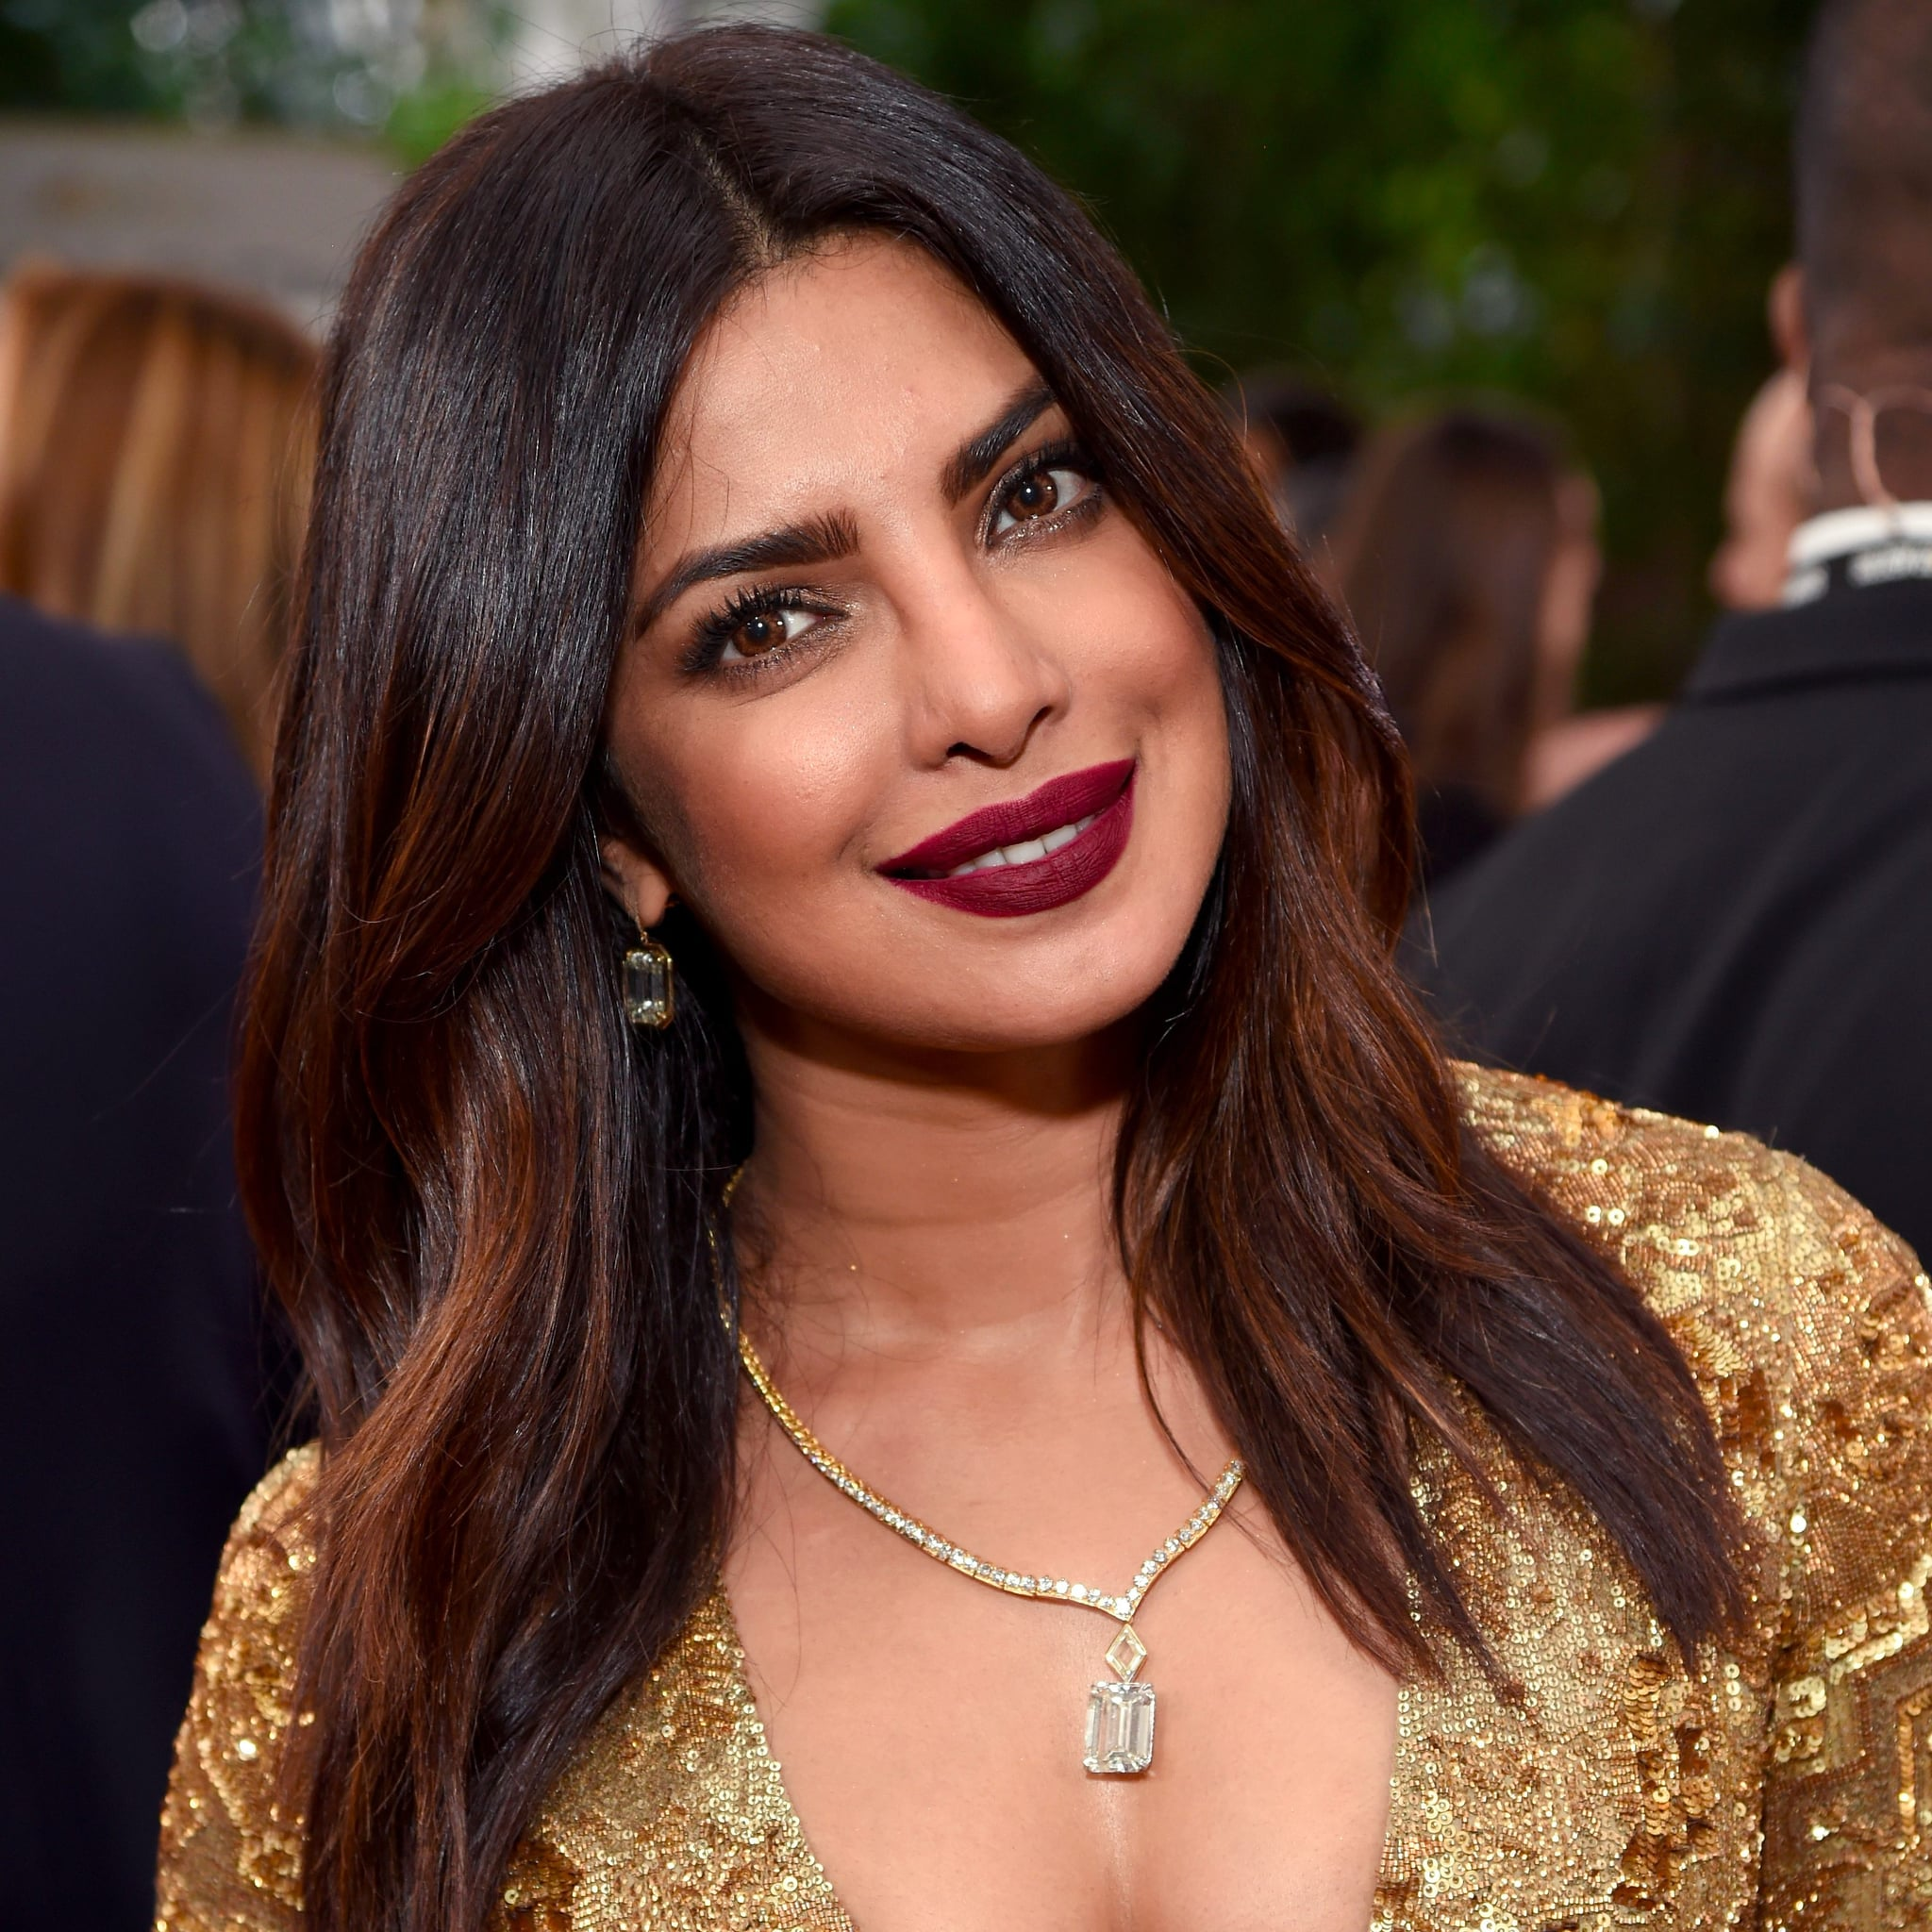 Priyanka Chopra S Makeup And Hair At The Golden Globes 2017 Popsugar Beauty